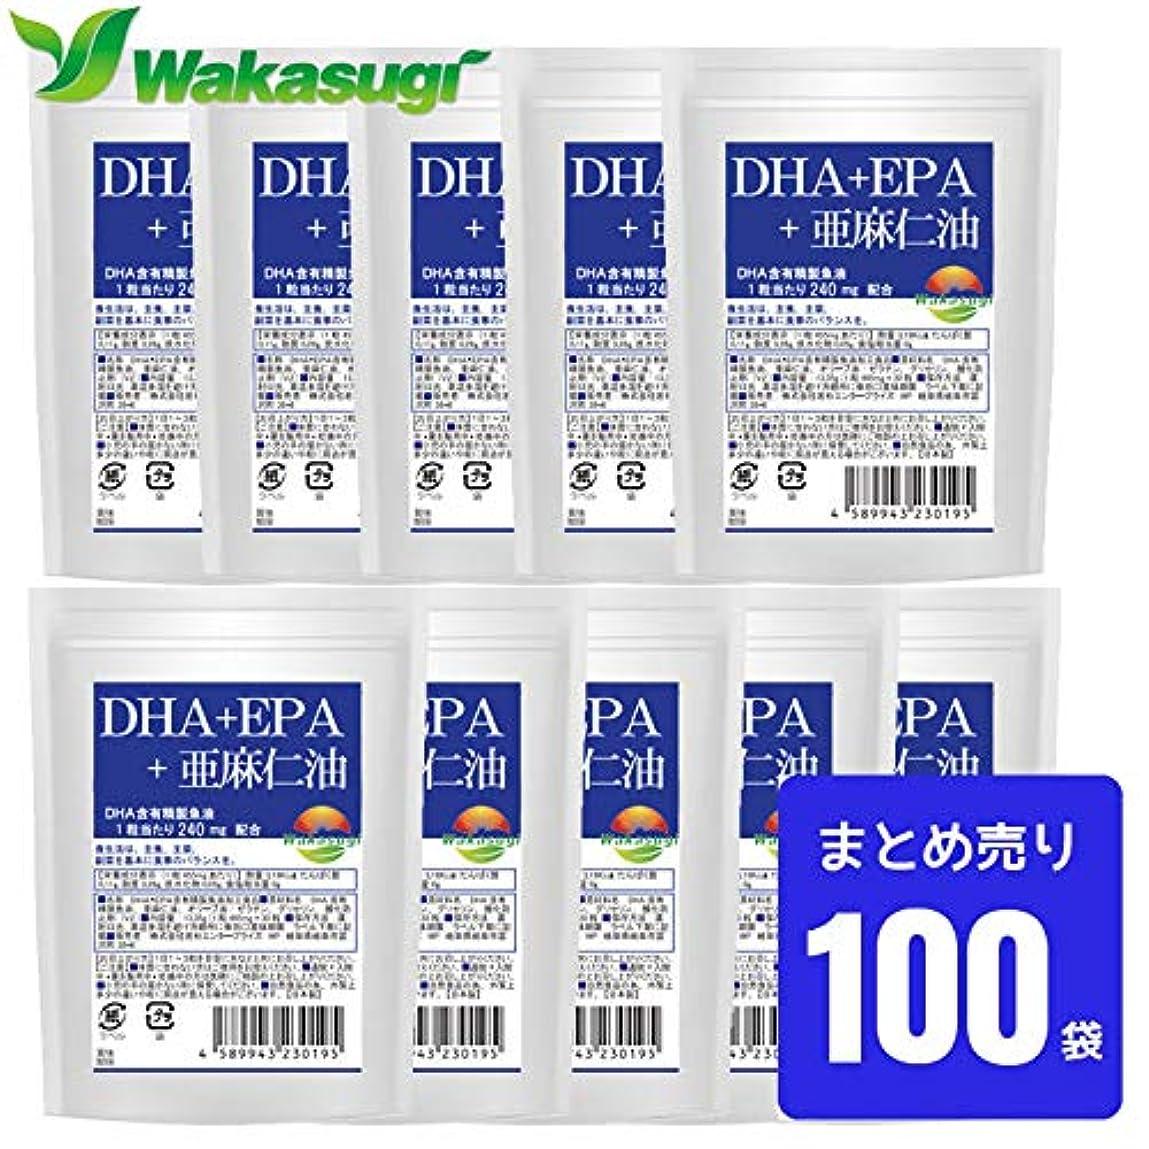 ところでアグネスグレイ退院DHA+EPA+亜麻仁油 ソフトカプセル30粒 100袋 合計3,000粒 まとめ売り